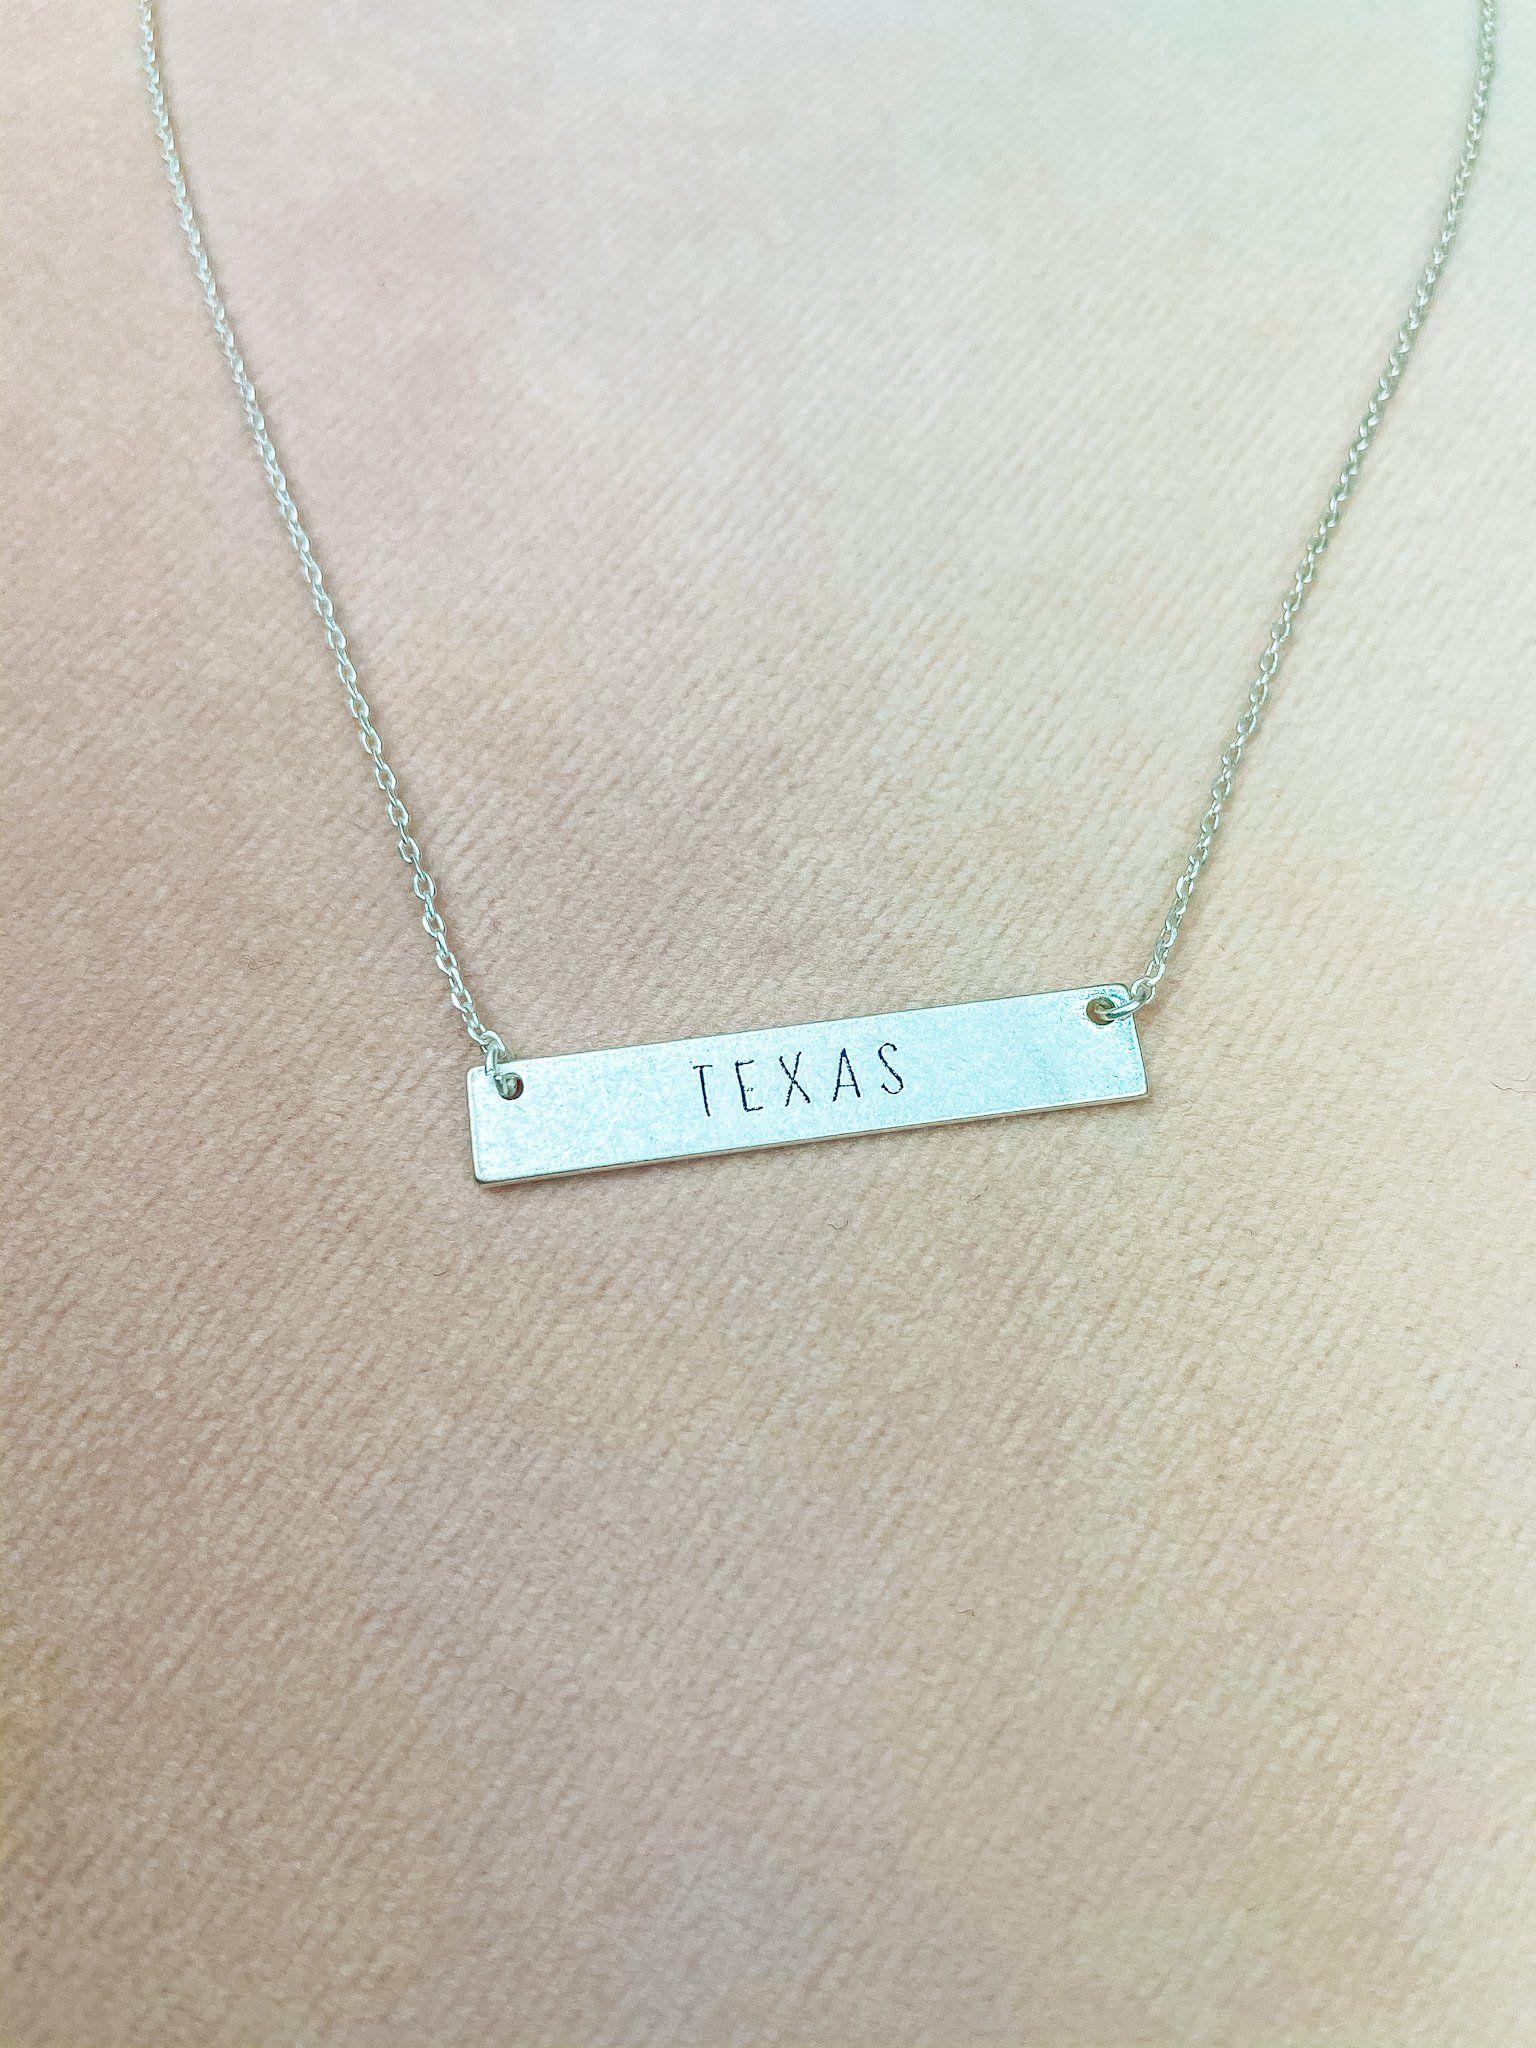 Texas Plaque Necklace - Silver